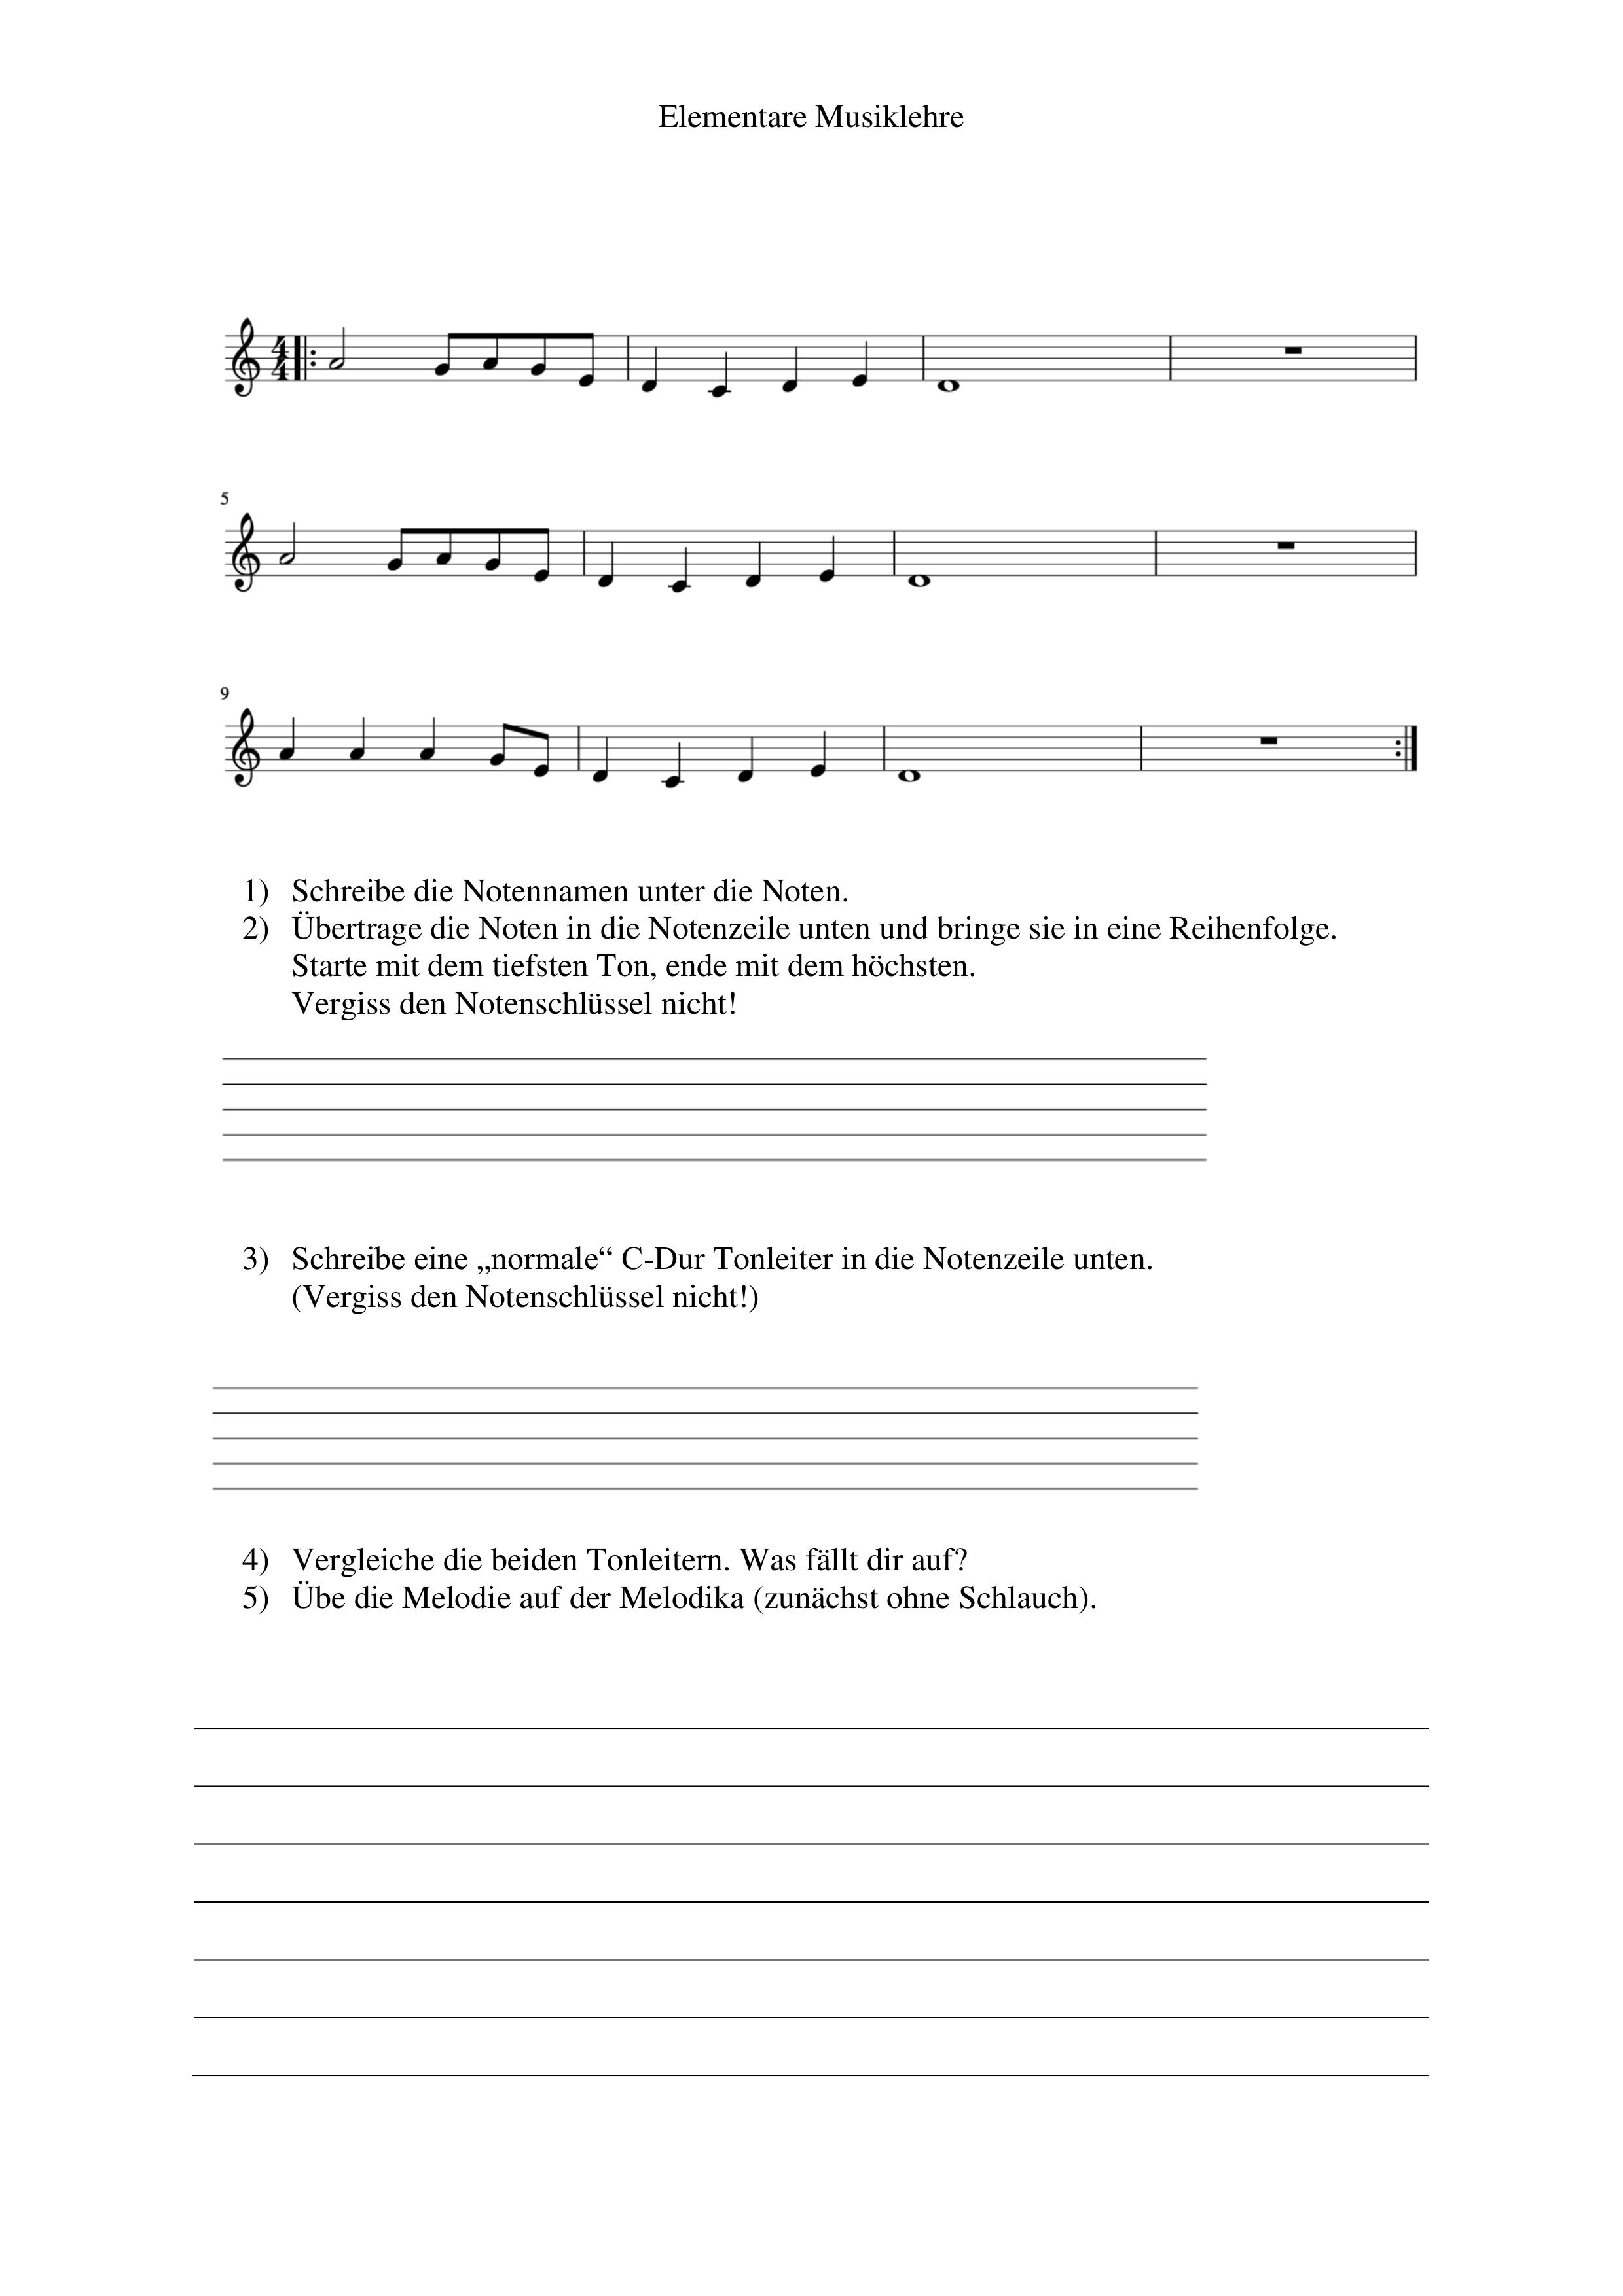 Die Pentatonik Unterrichtsmaterial Im Fach Musik Noten Musik Musiktheorie